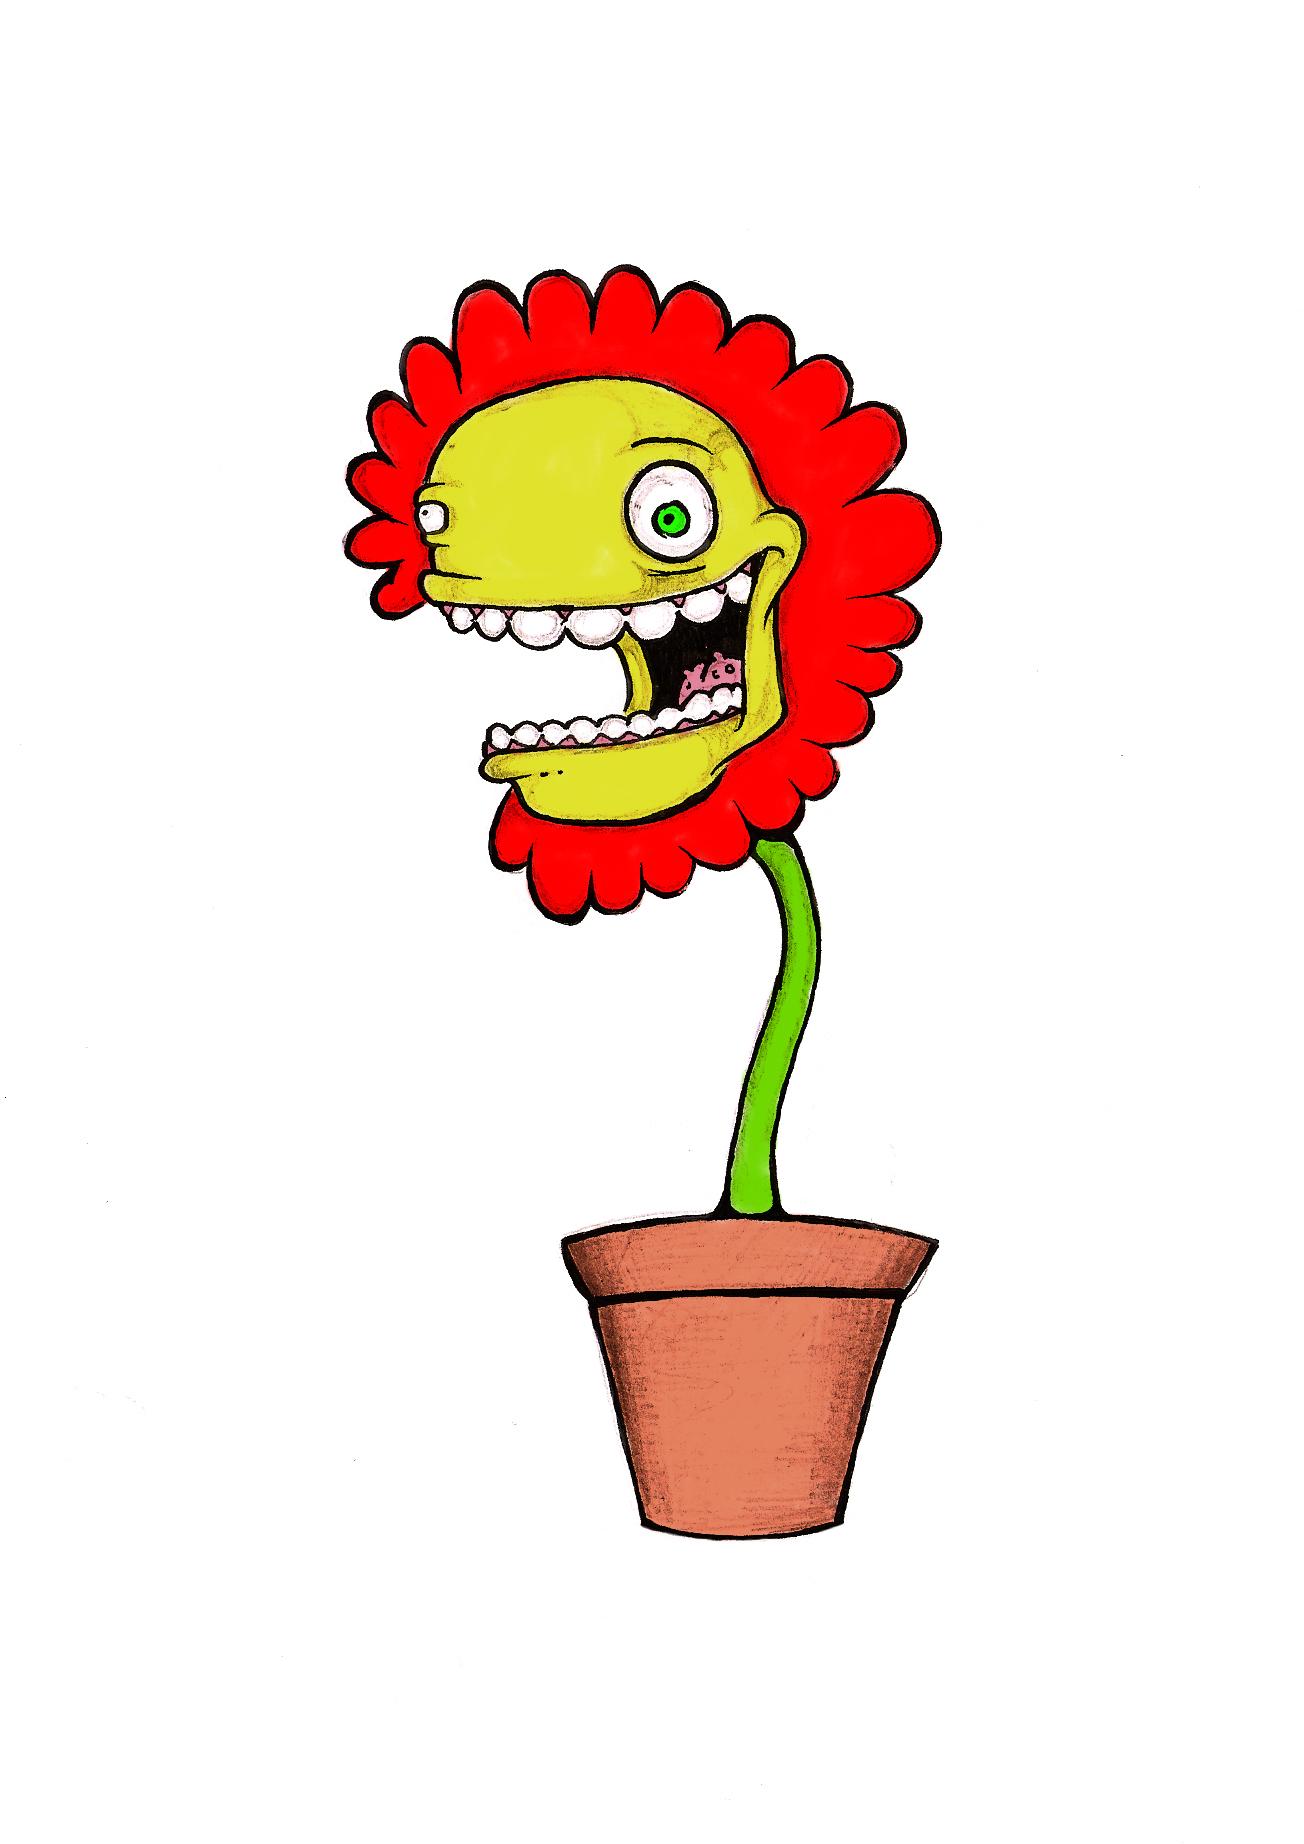 Happy Flower!